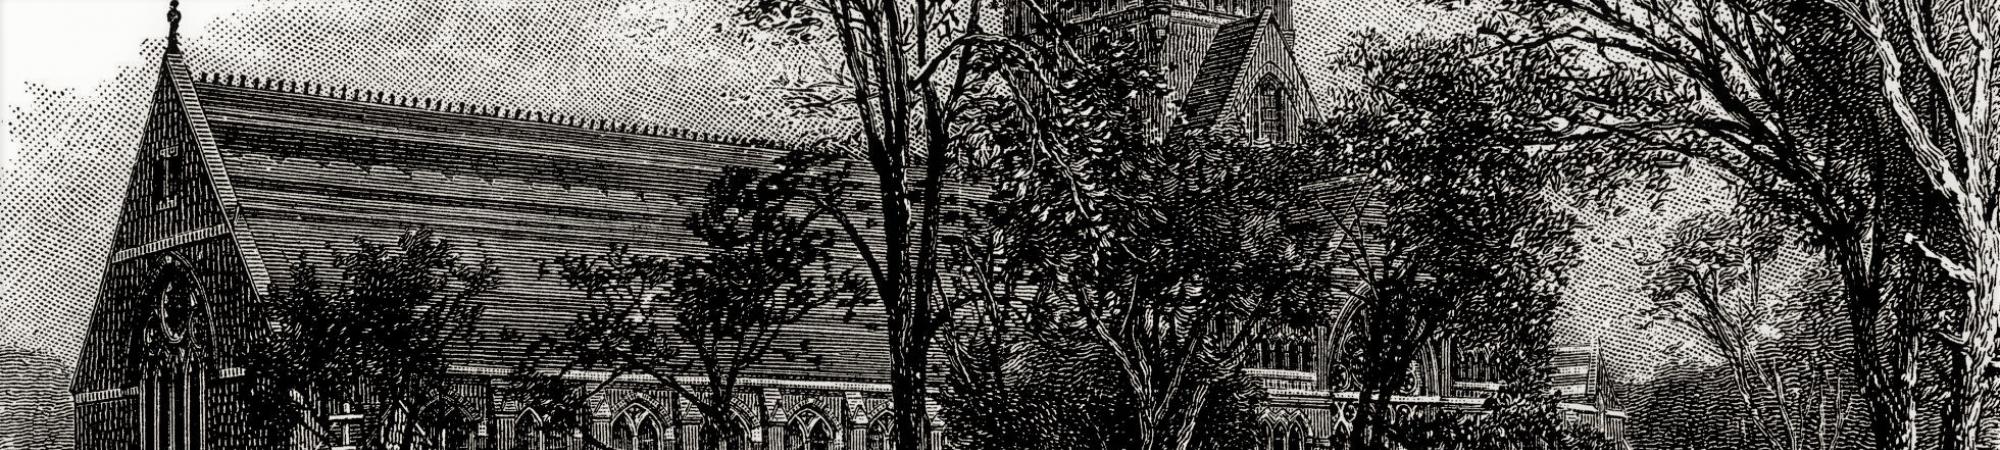 Harvard, Memorial Hall - antique illustration